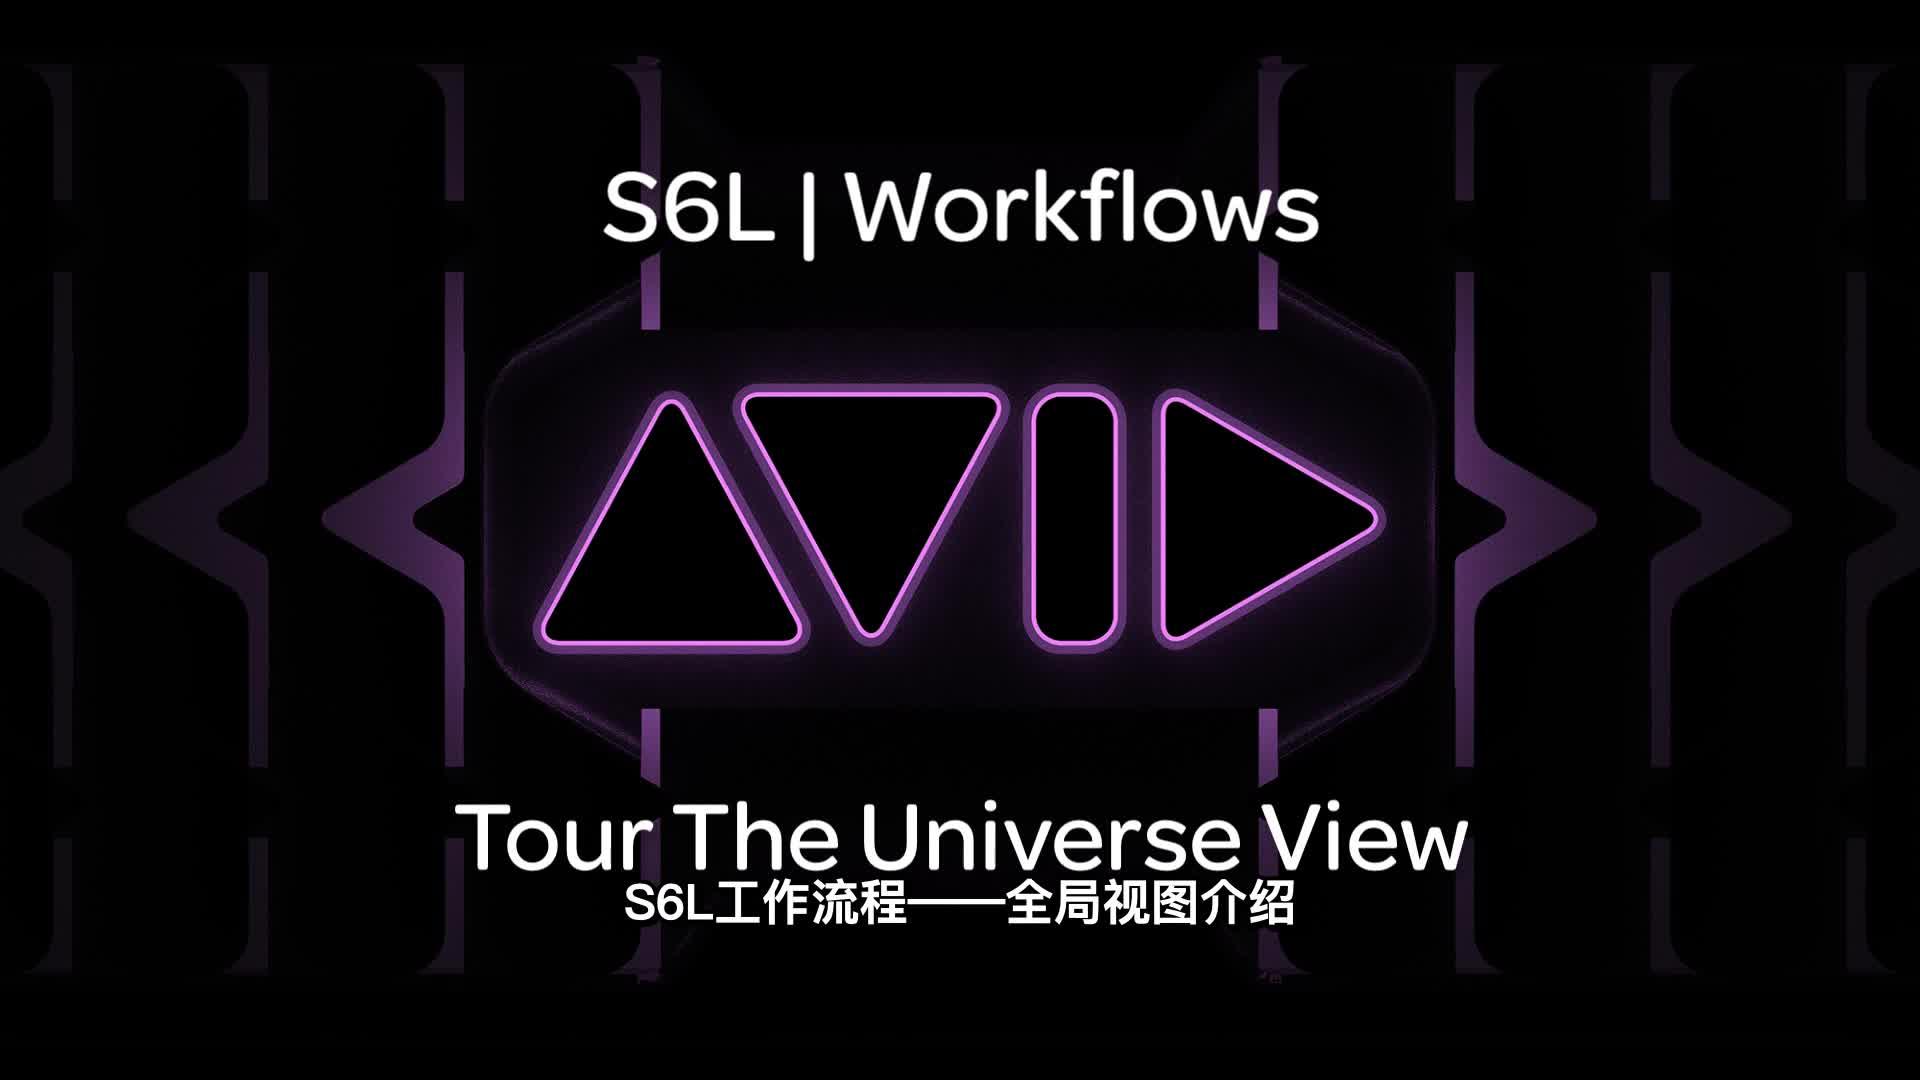 04 VENUE  S6L|Workflows Tour The Universe View